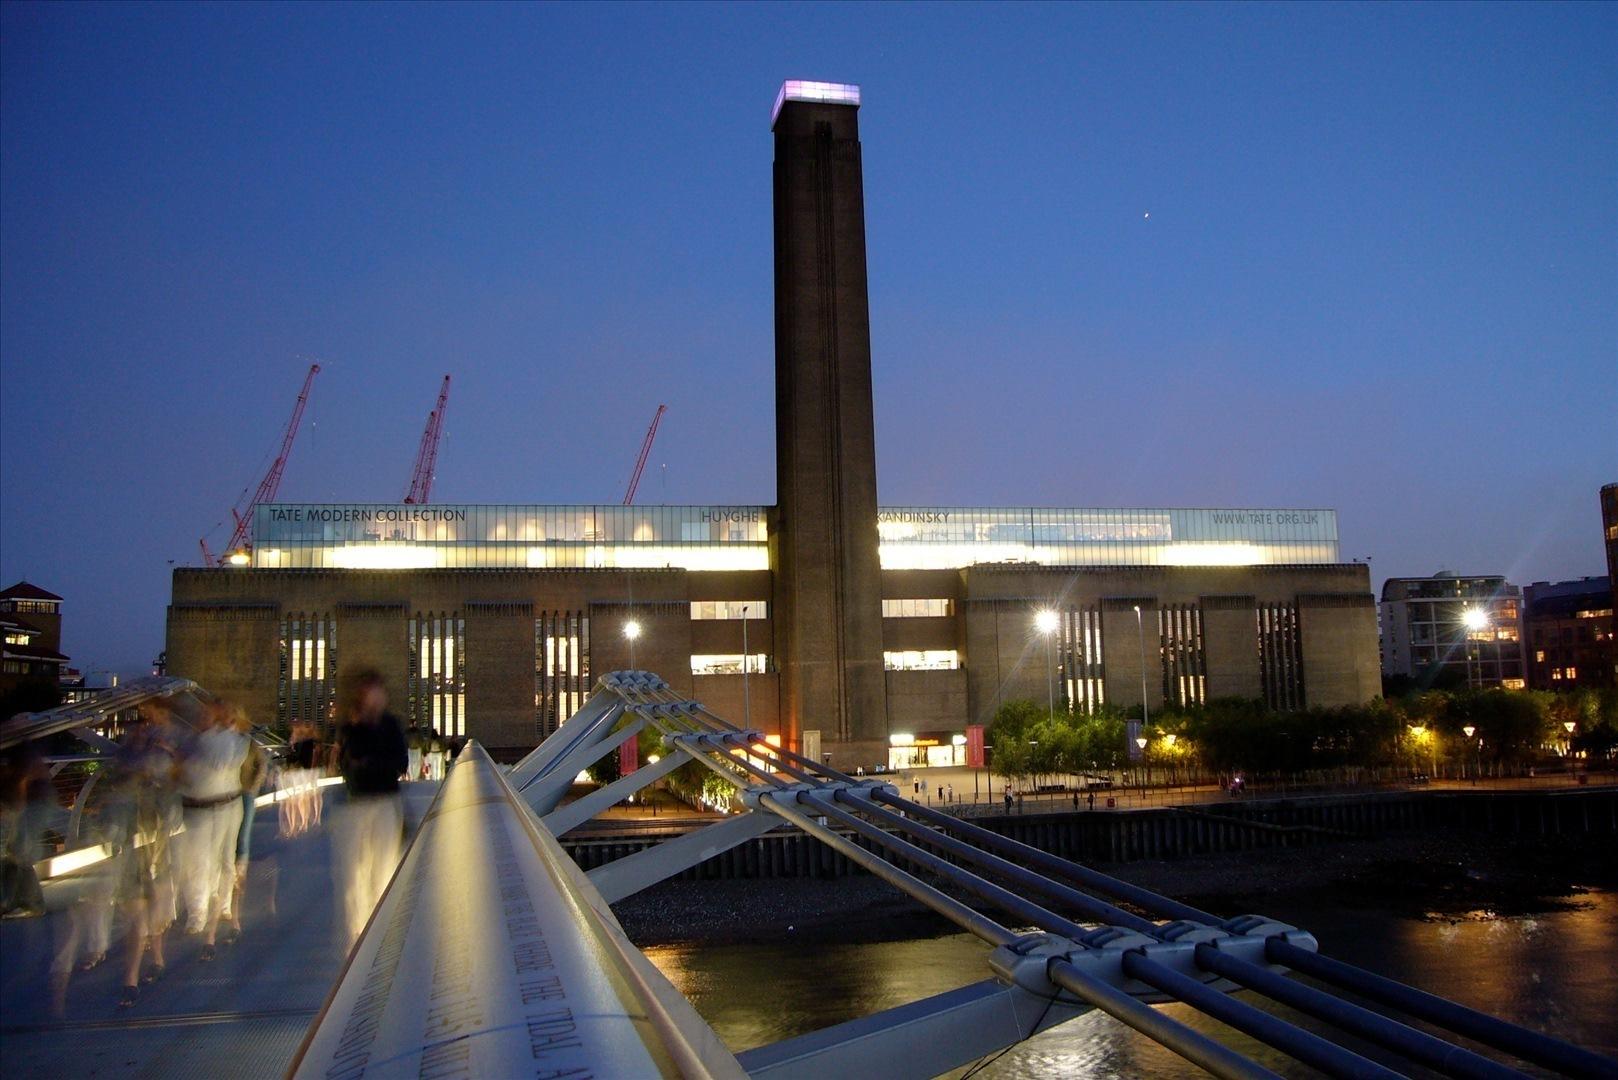 Tate-Modern-London-Beautiful